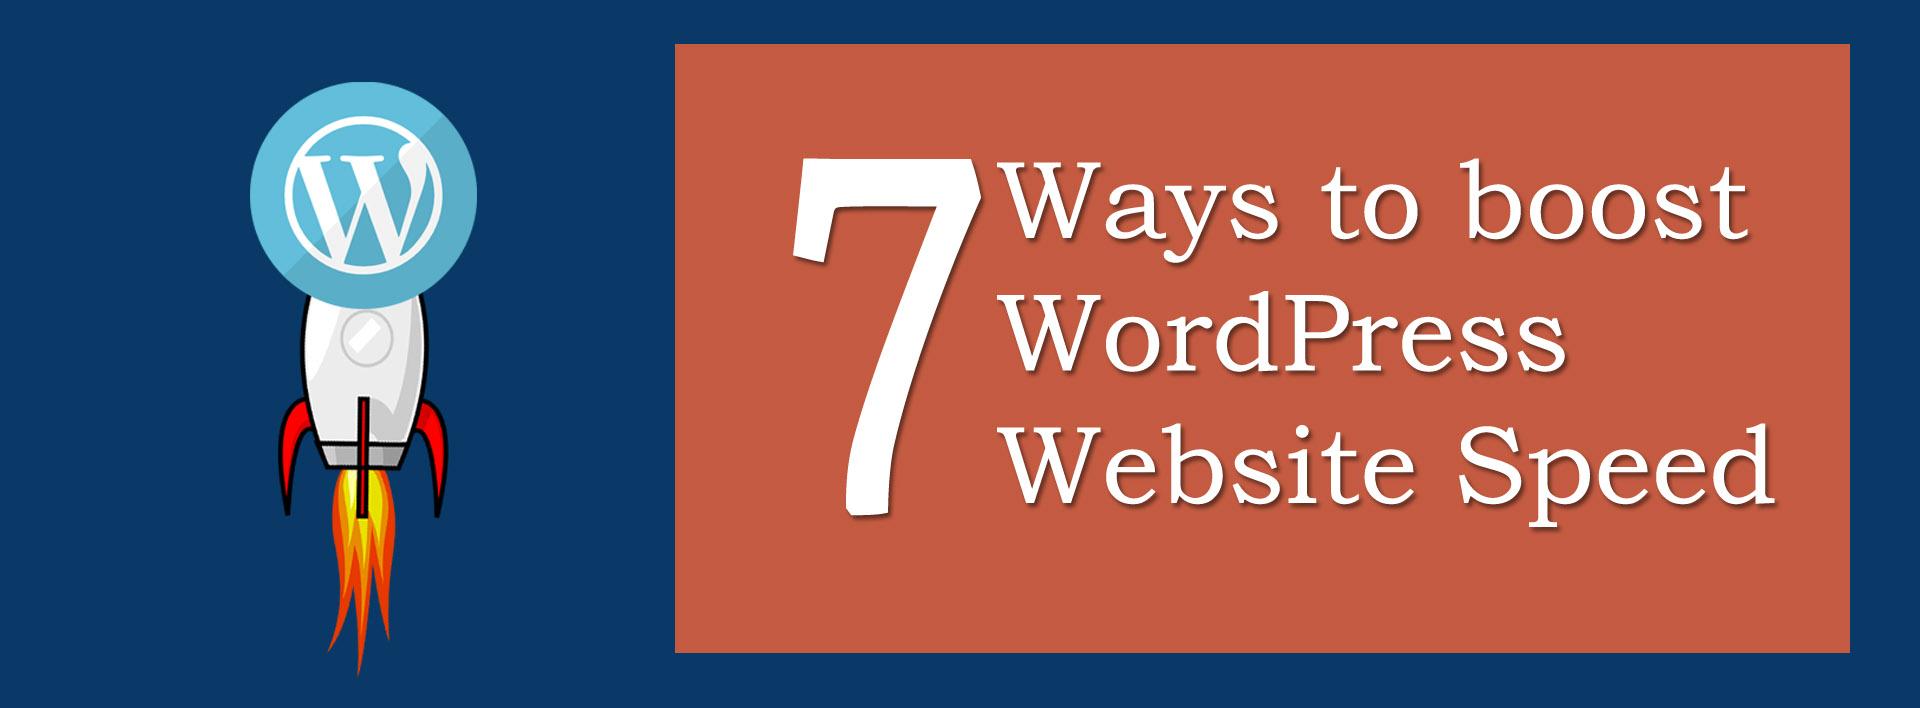 how to beest website speed